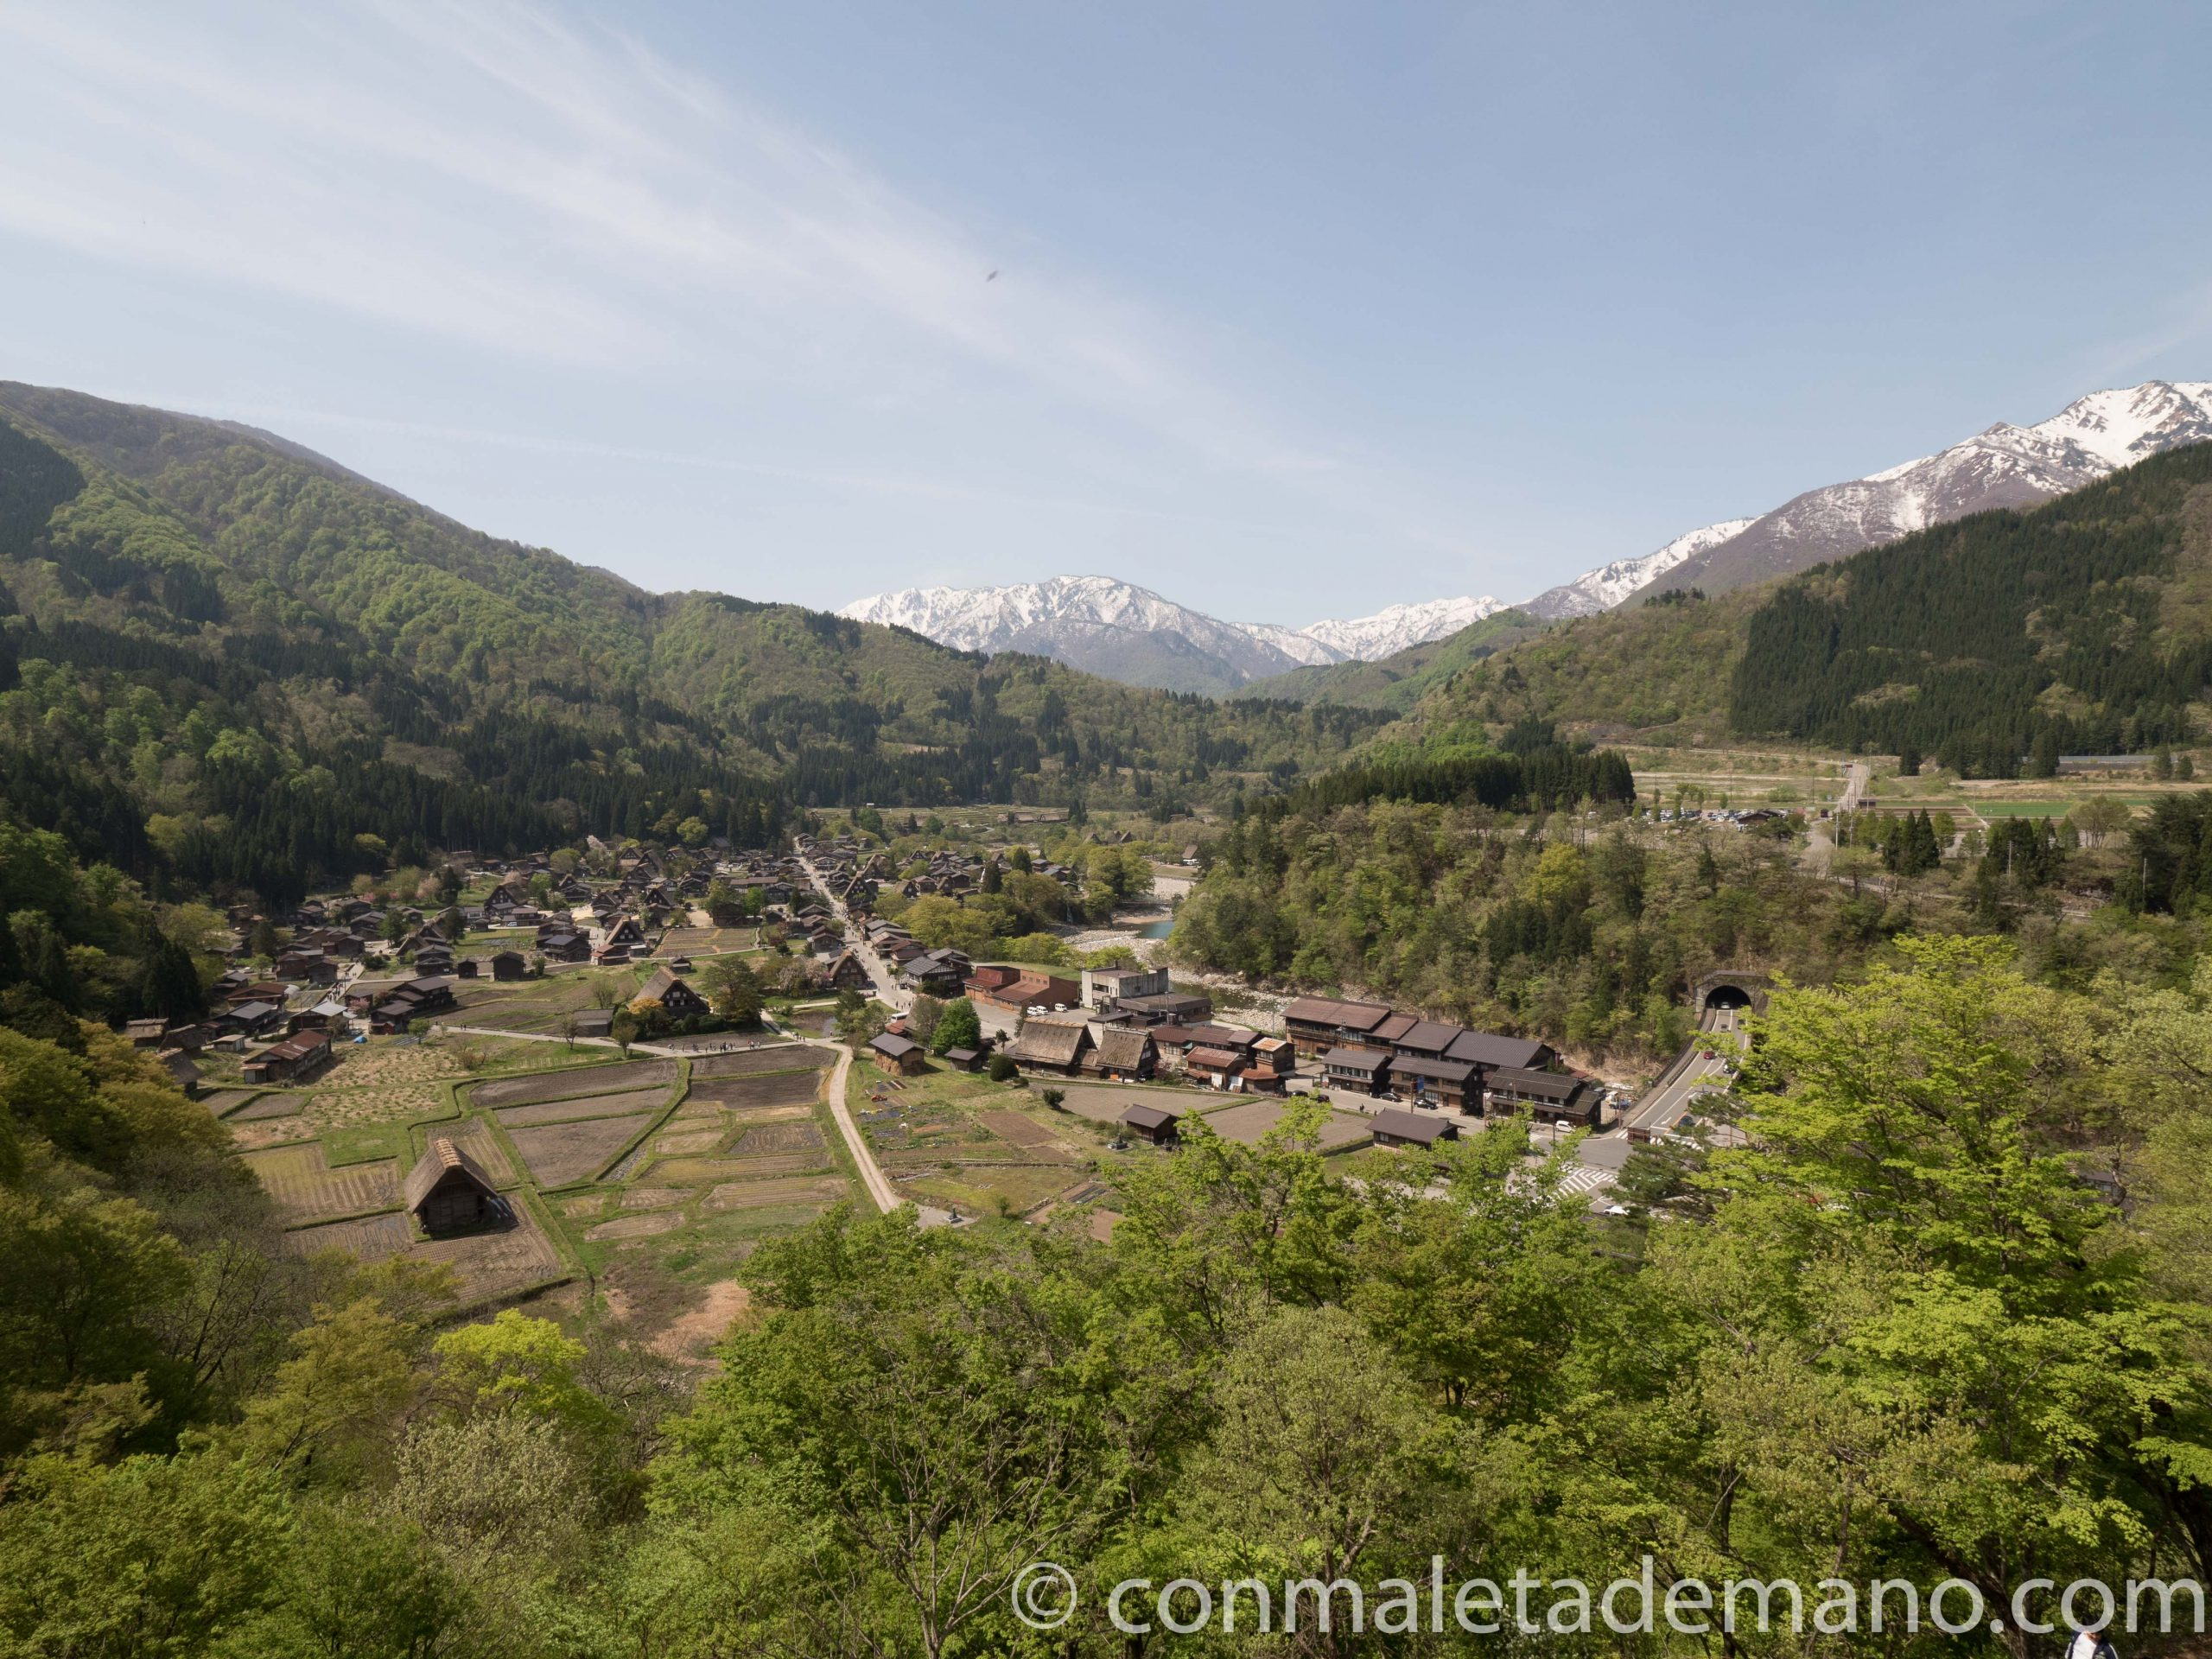 Vistas de Shirakawago desde el Mirador de Shiroyama